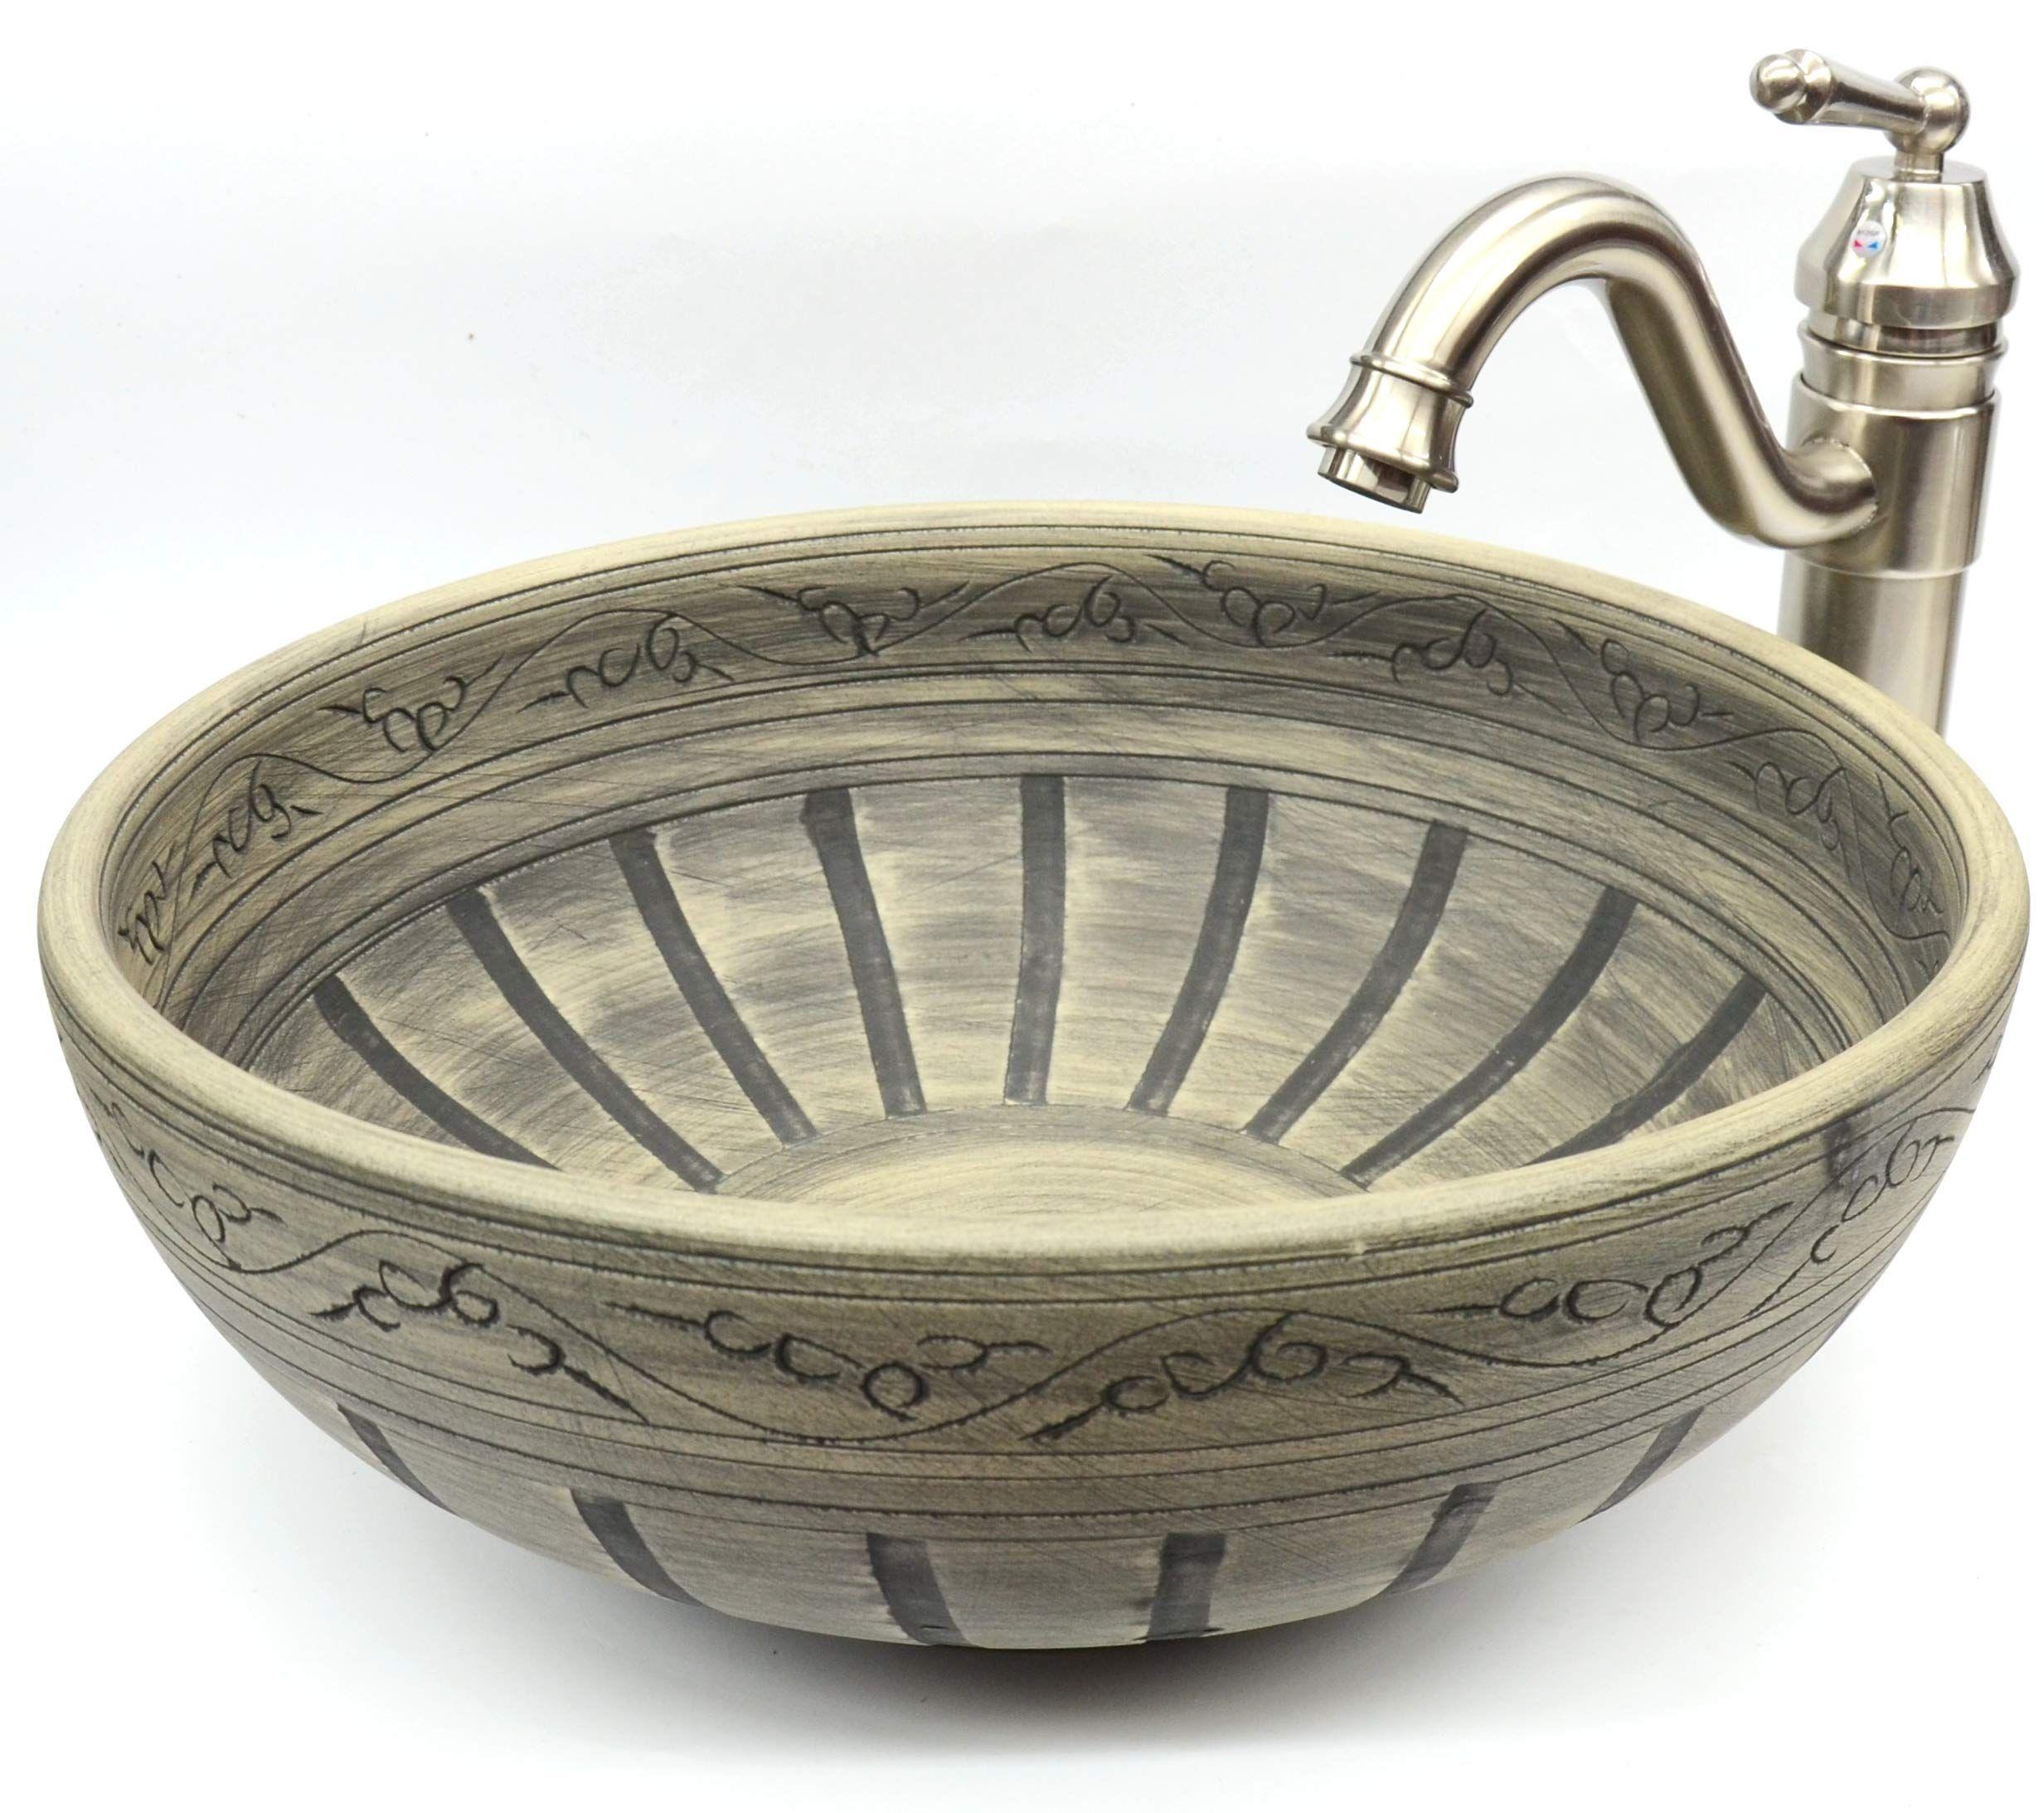 Waschbecken Vintage Stil Gemustert Handgefertigt Rund Keramik Kasbah Waschbecken Waschschussel Amazon De Baumar Waschbecken Vintage Stil Waschschussel